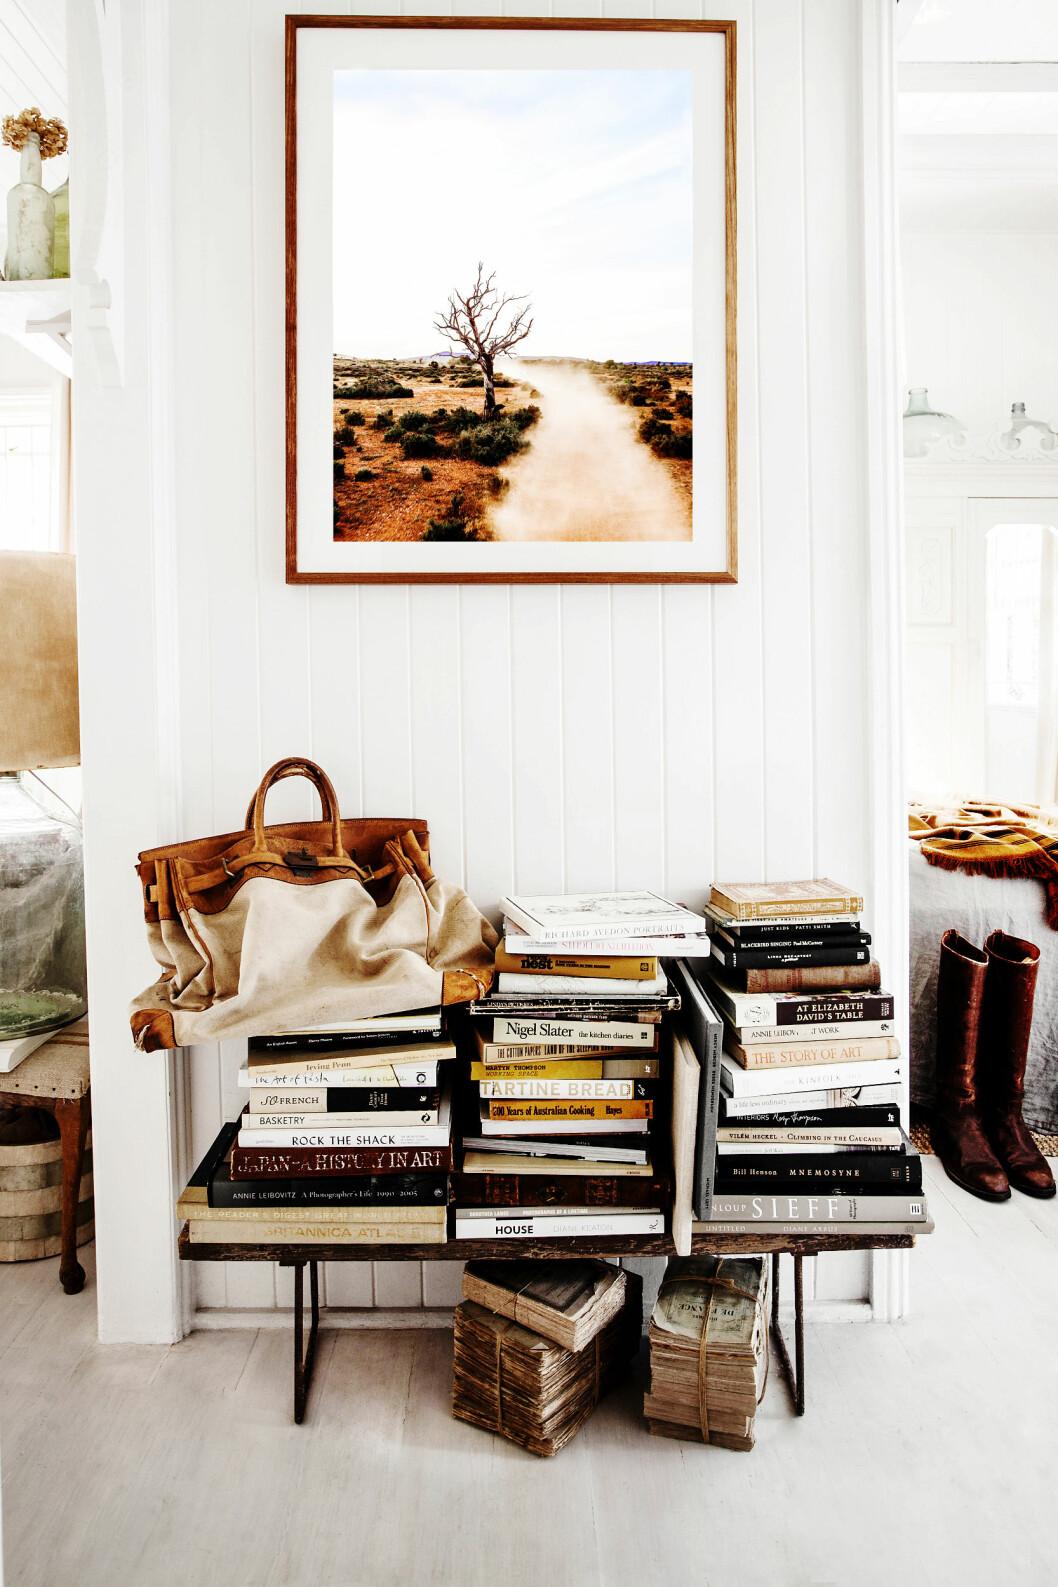 KUNSTNER: Over samlingen av kunstbøker og gamle bøker med en vintage Hermès bag, henger et foto tatt av Kara selv. Hun selger dem på shop.kararosenlund.com Foto: Kara Rosenlund